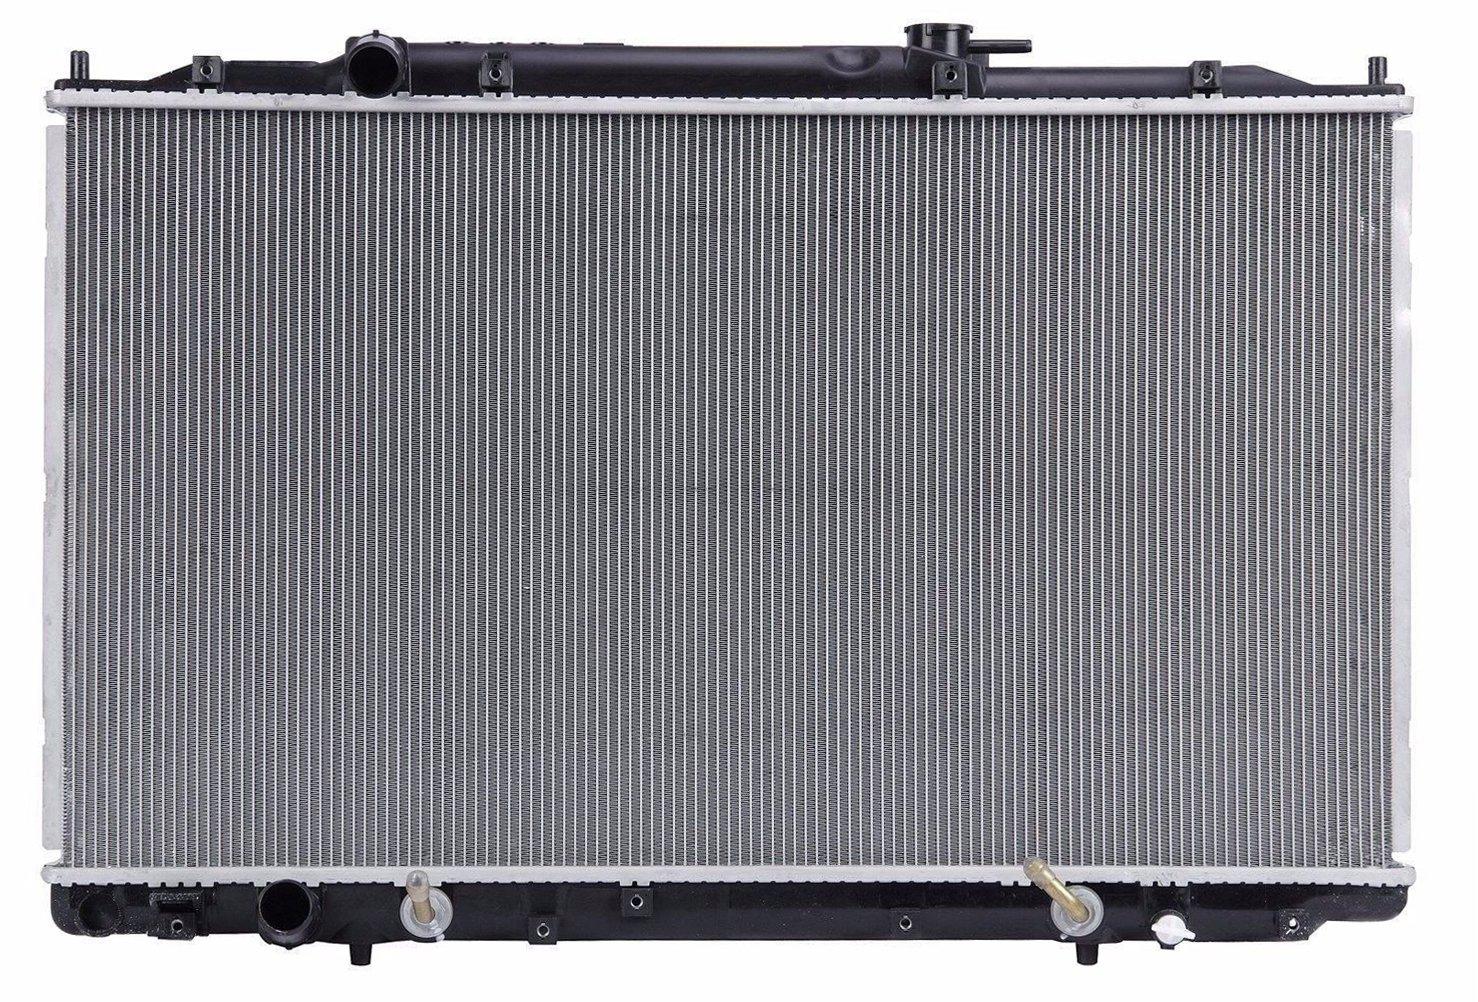 RADIATOR 13076 Fit 2007 2008 2009 2010  TOYOTA SIENNA 3.5 V6